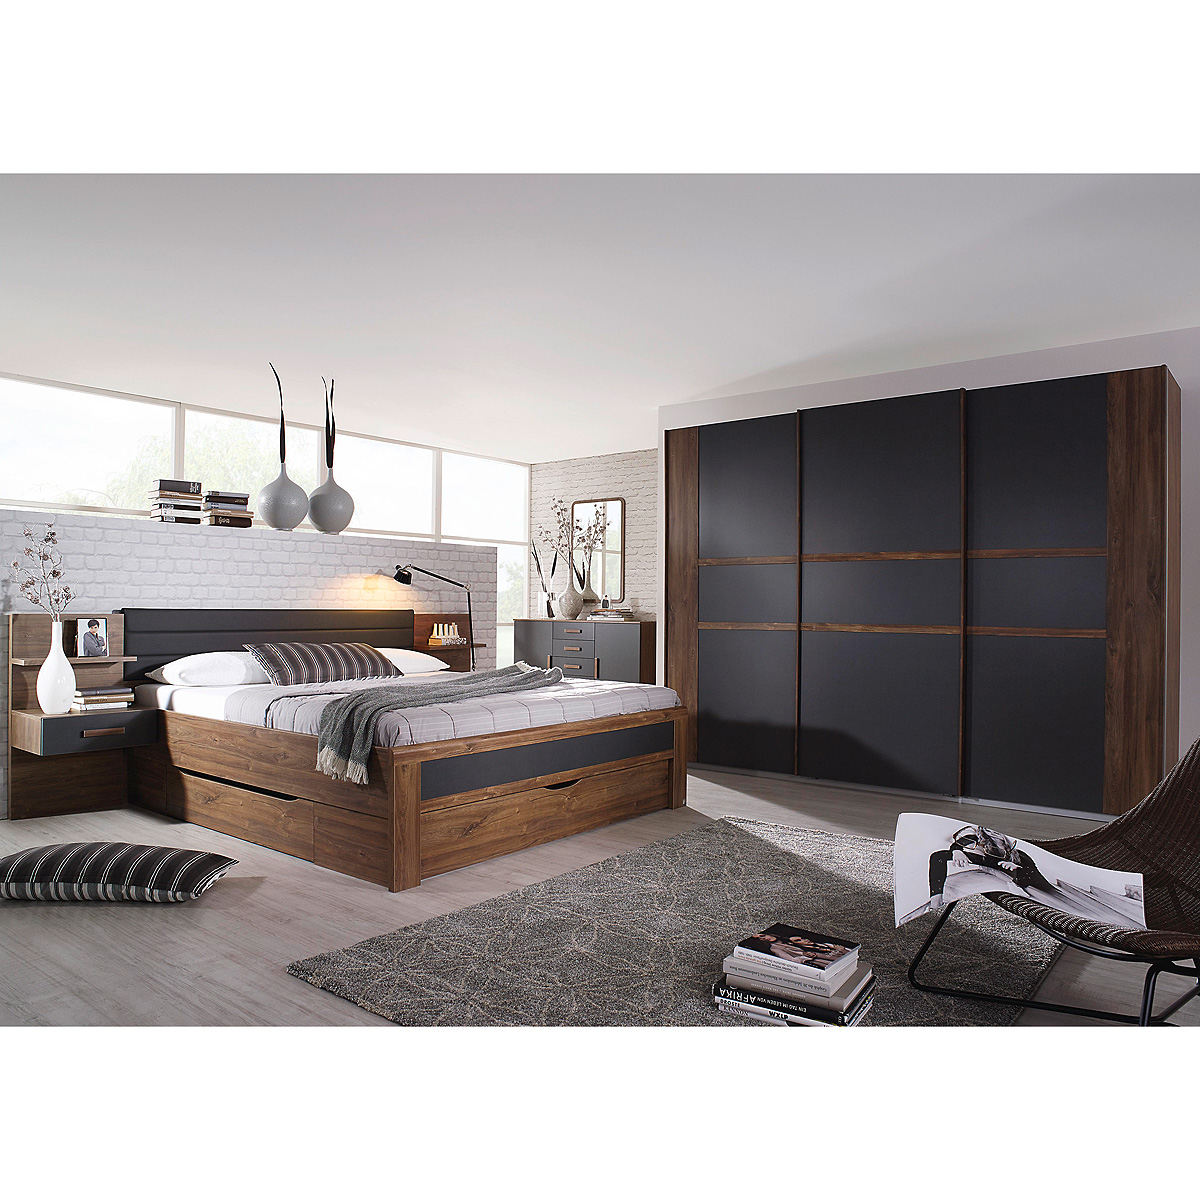 schlafzimmer set 3 bernau bett nako kleiderschrank eiche stirling grau basalt ebay. Black Bedroom Furniture Sets. Home Design Ideas